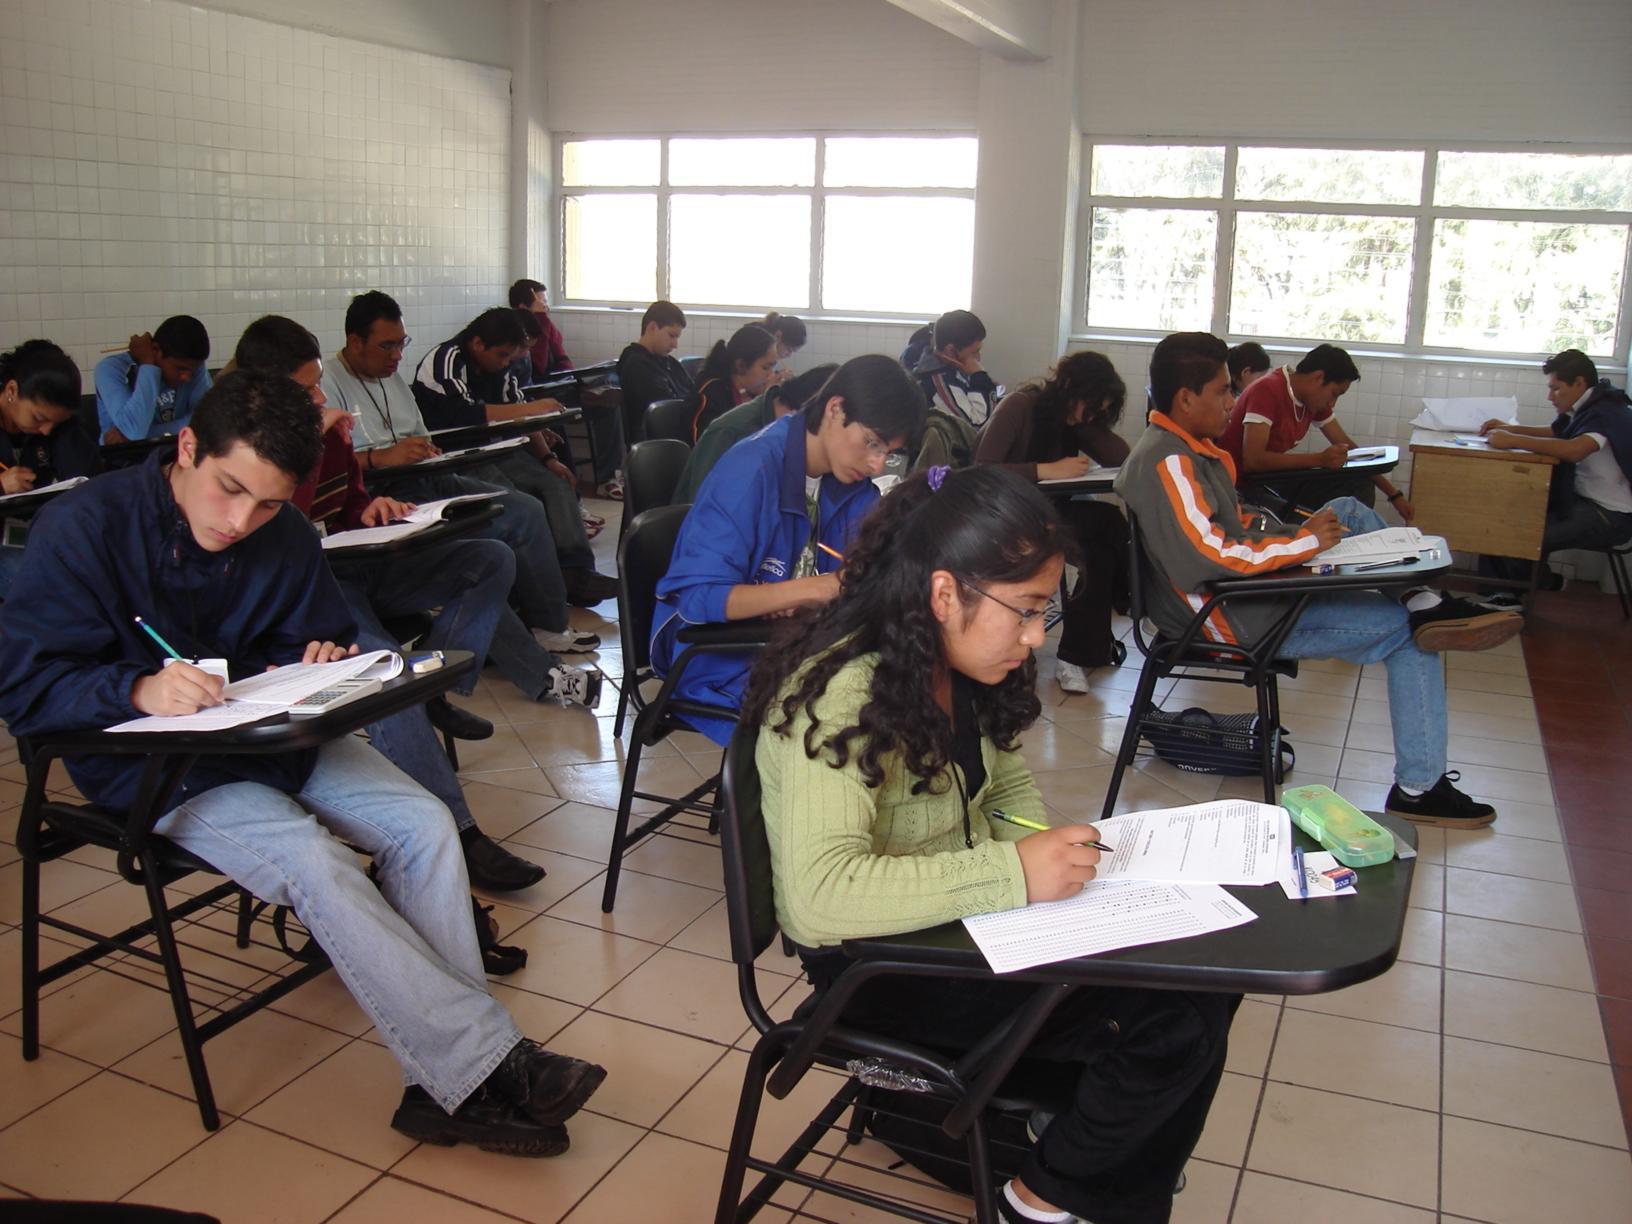 El 31 de julio se darán a conocer las listas de corrimiento para los aspirantes de nuevo ingreso a las escuelas de bachillerato